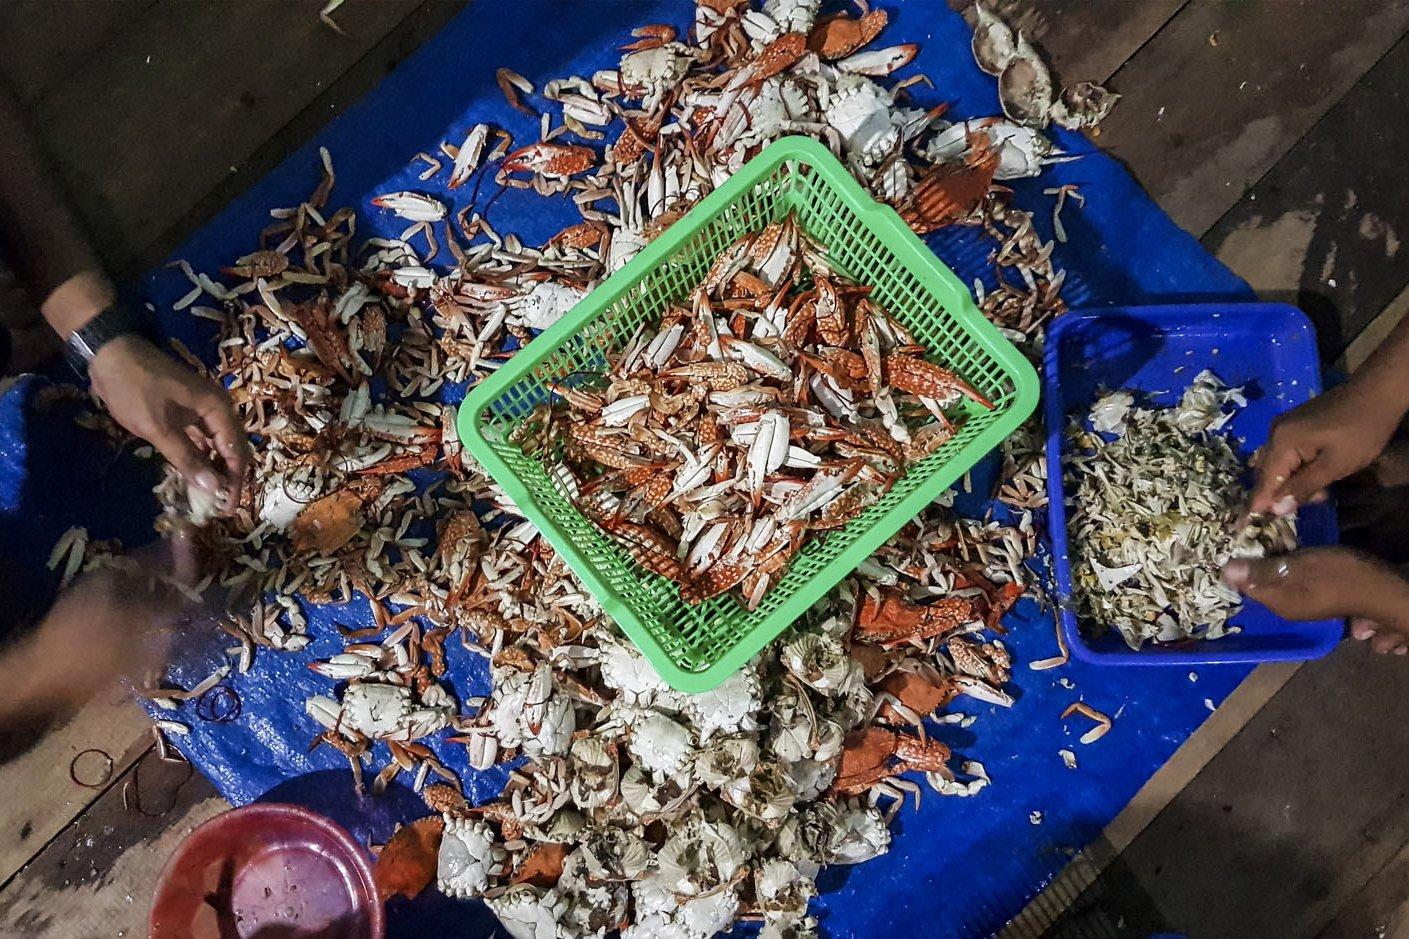 Nelayan mengupas kepiting rajungan di desa Sebala, Batu Gajah, Kabupaten Natuna, Kepulauan Riau, Kamis (27/7).